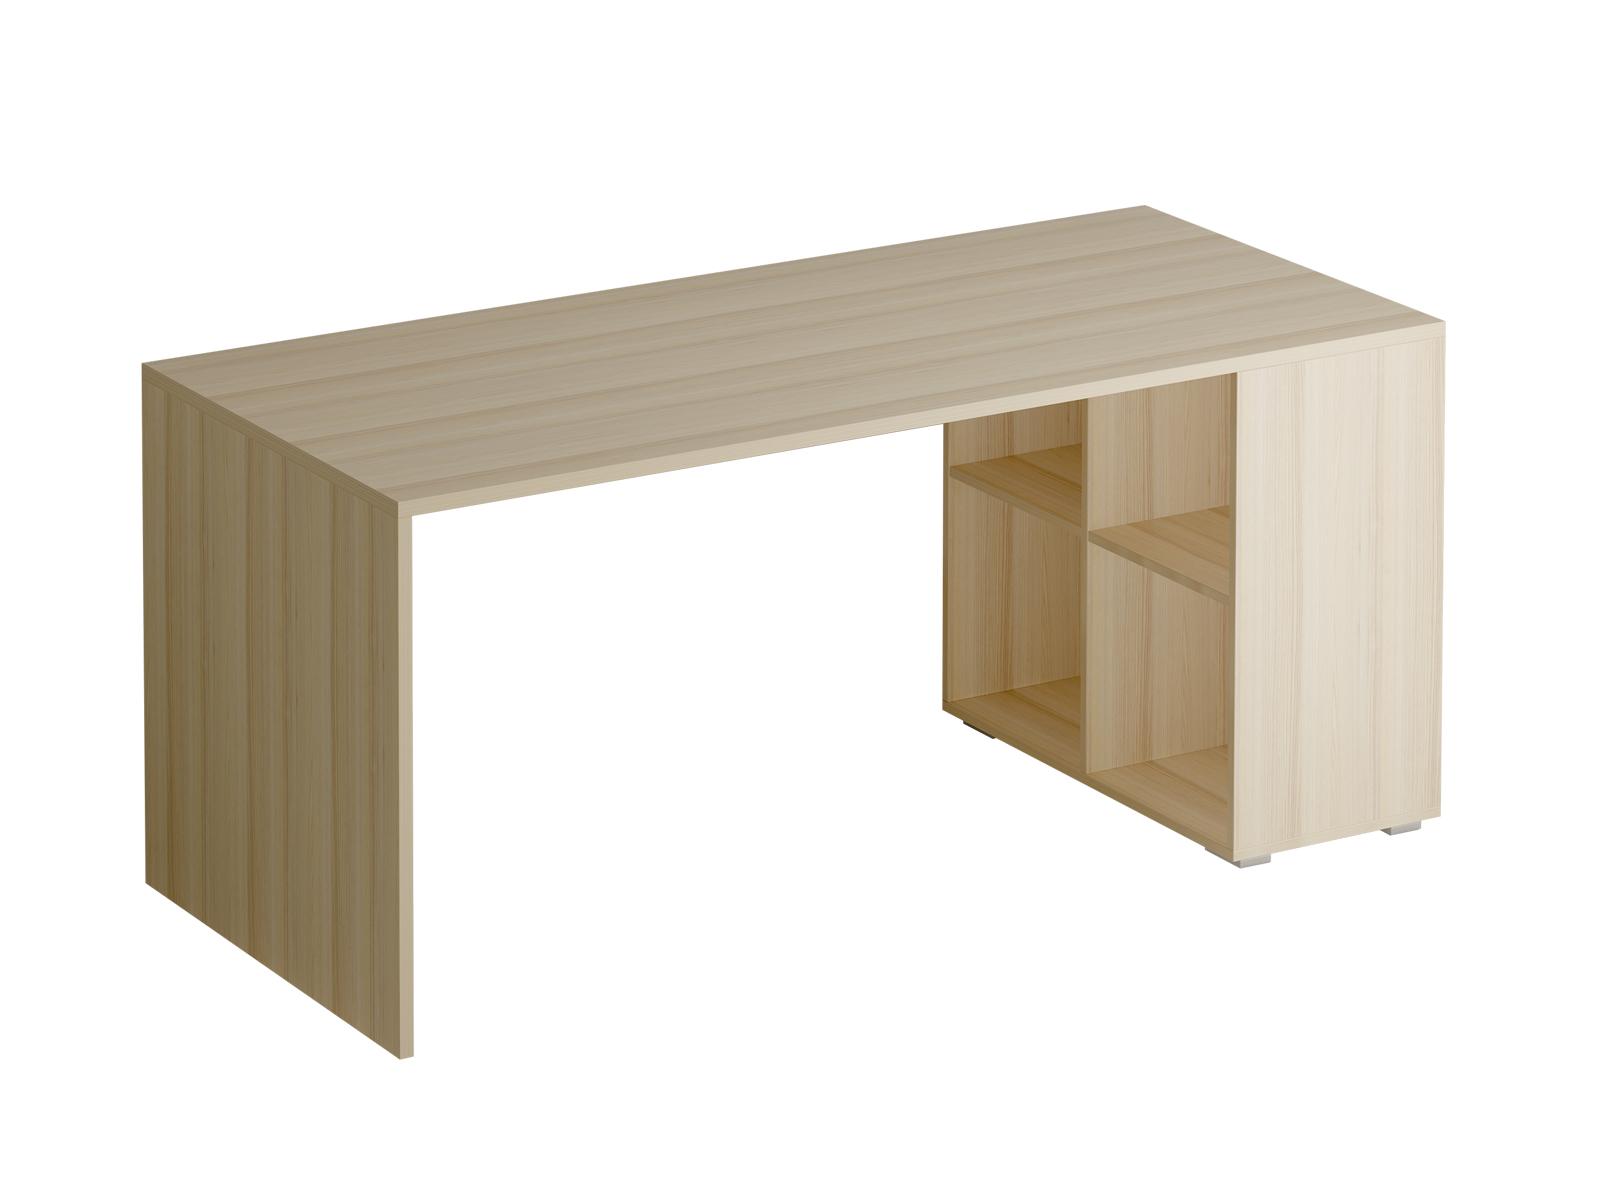 Стол PlayСтолы<br>Стол рабочий со встроенным отделением из 4 полок. Комбинируется с навесным модулем с 6 полками.<br>